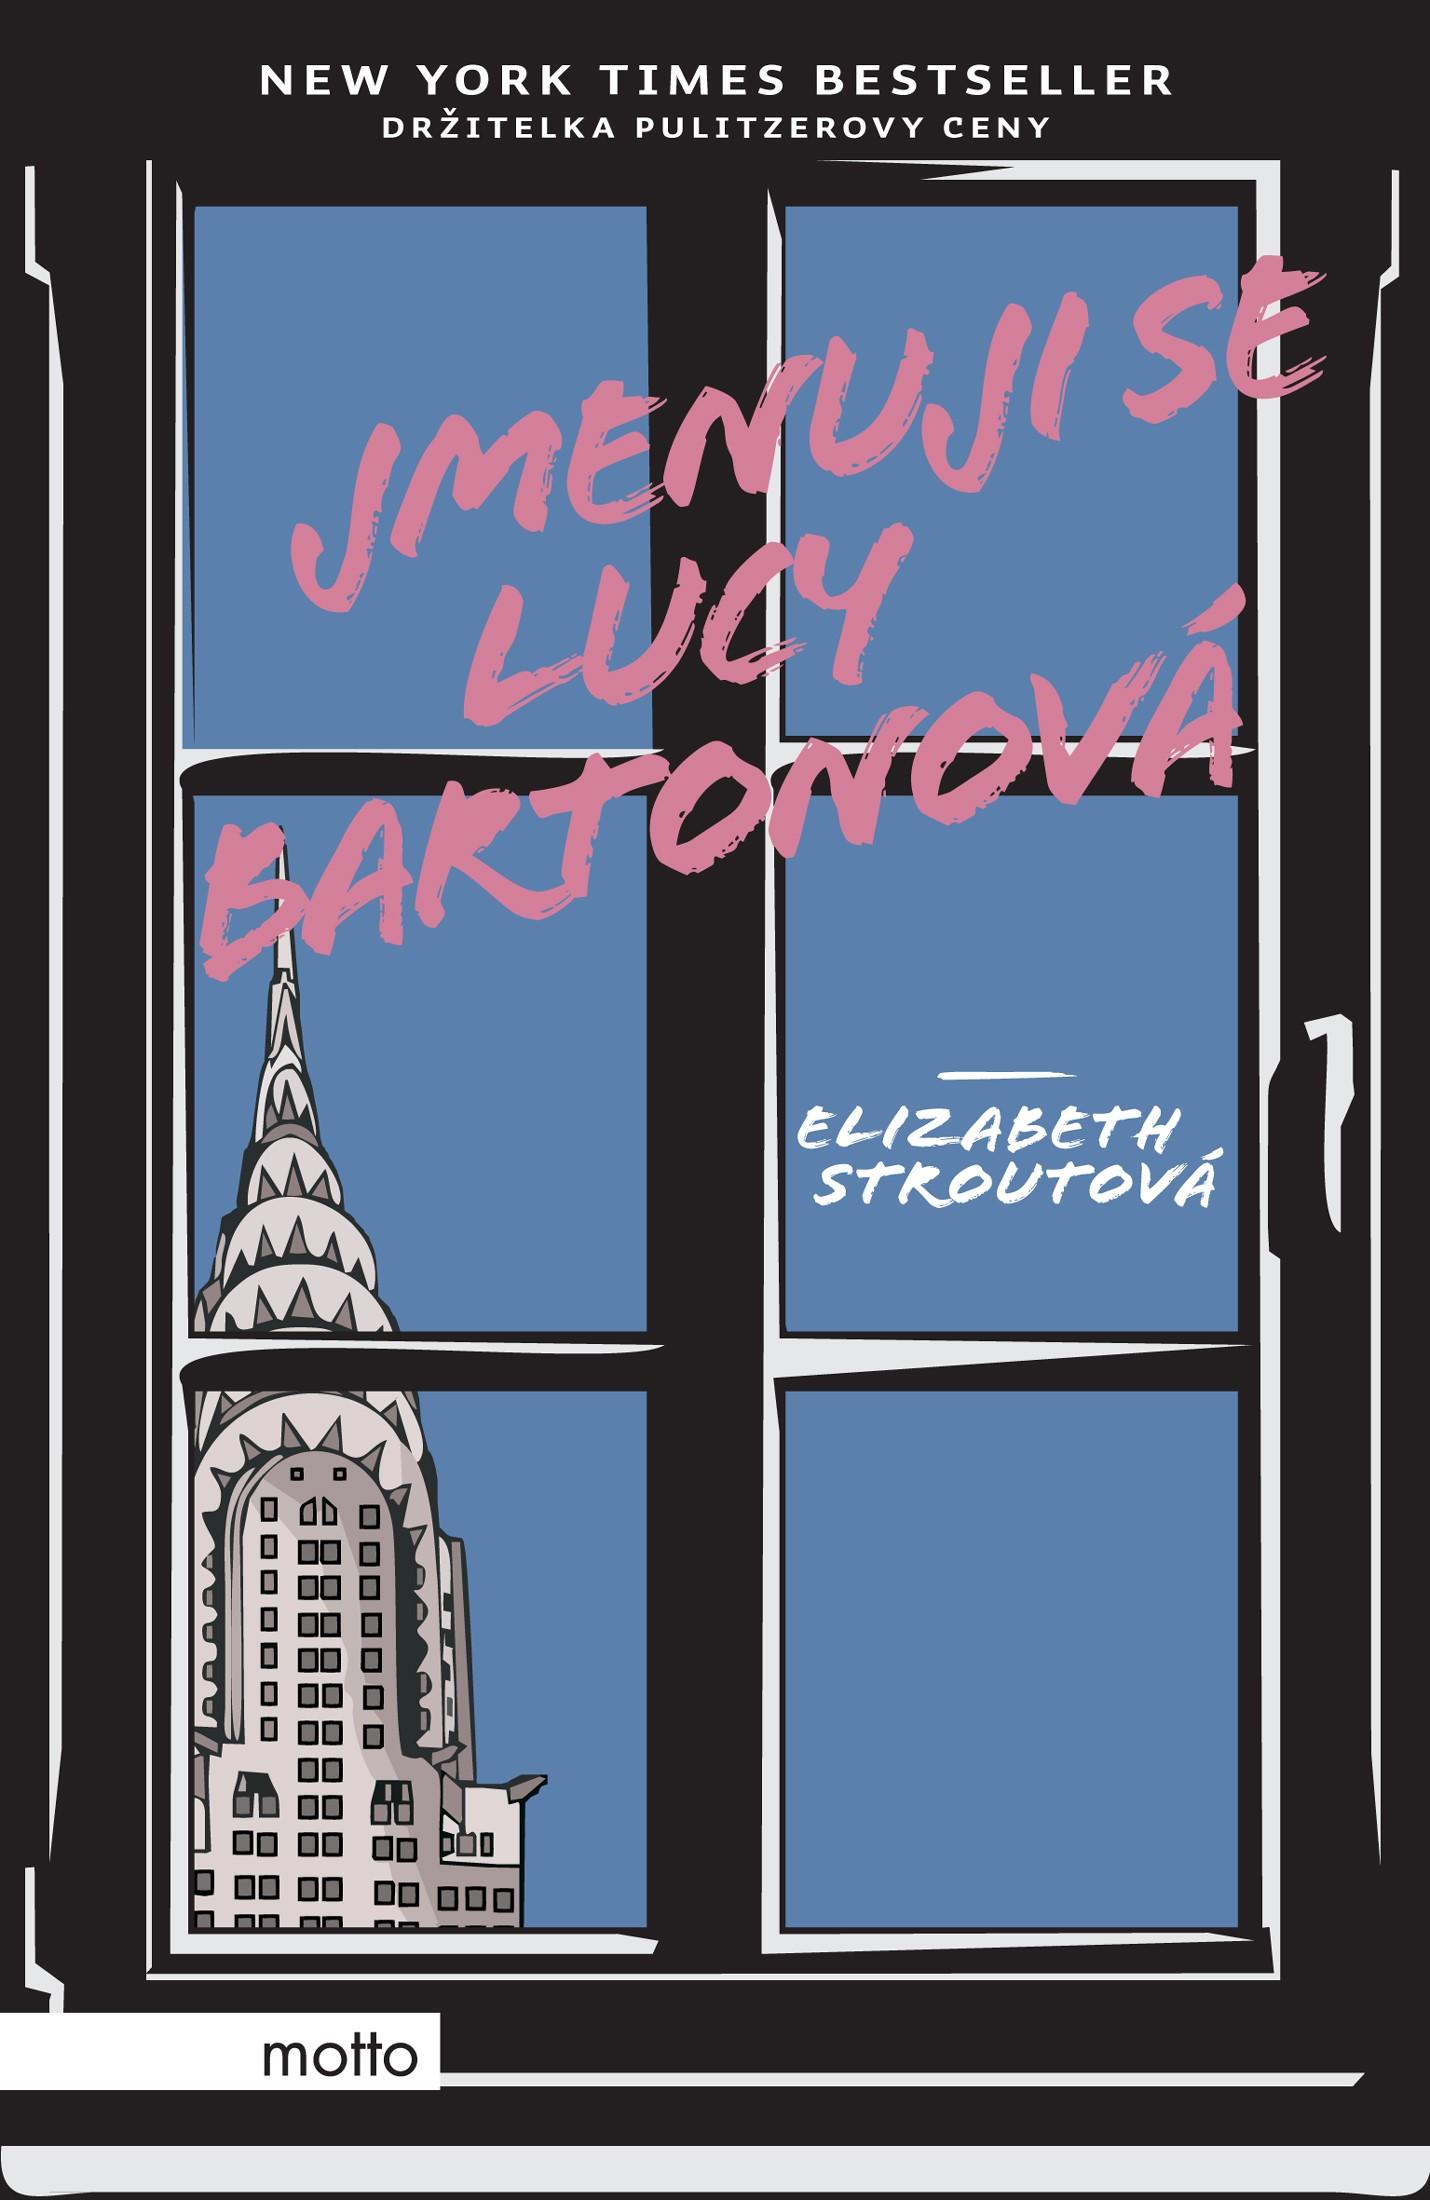 Jmenuji se Lucy Bartonová - Elizabeth Strout